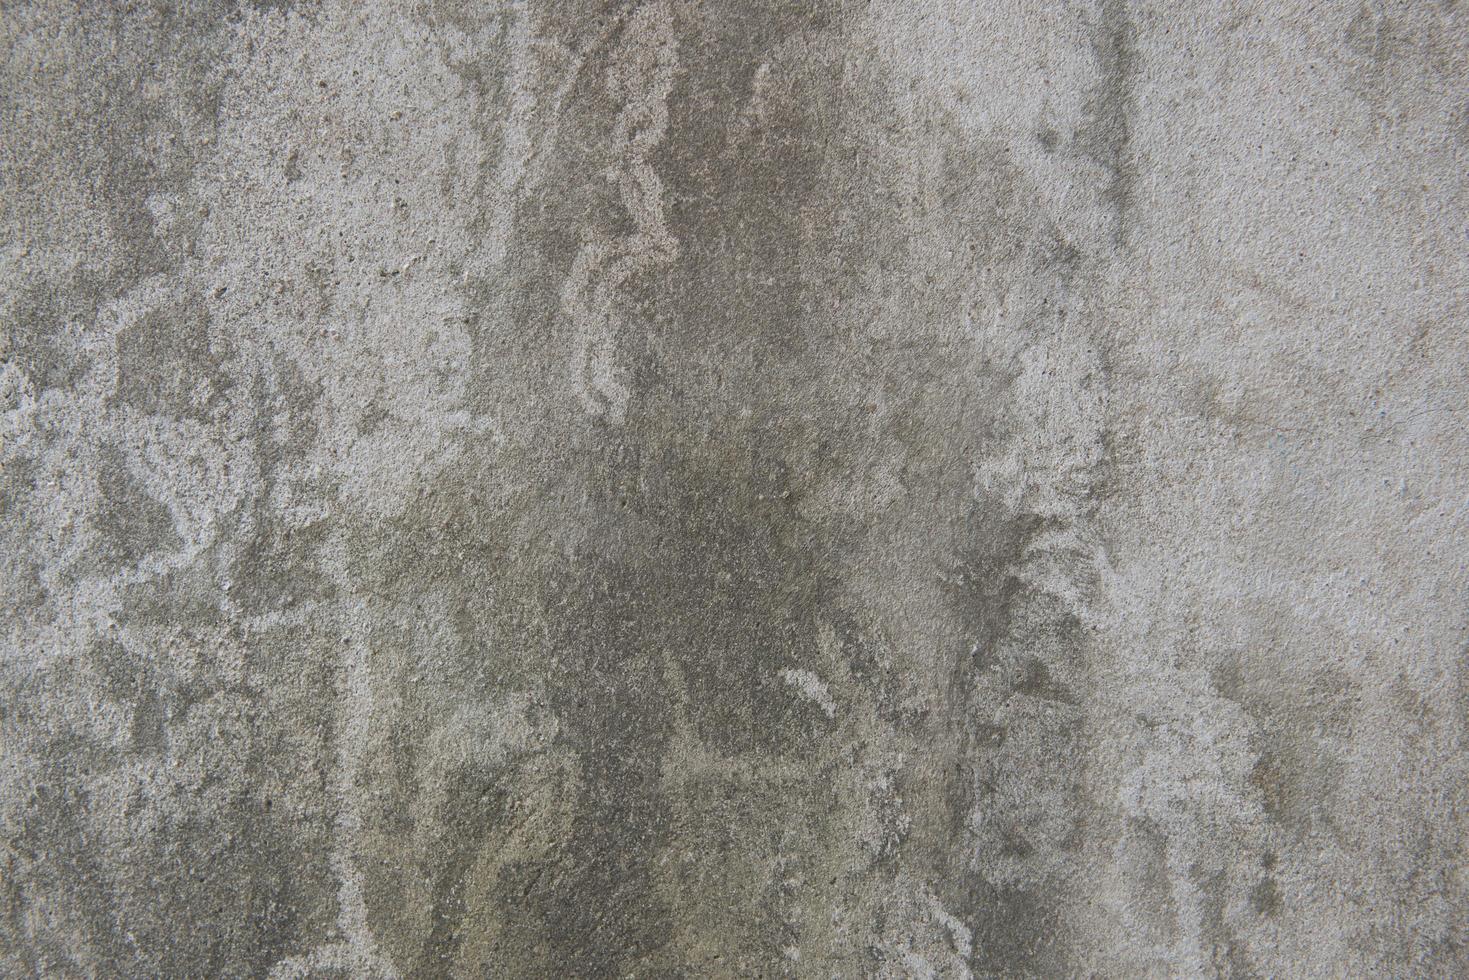 Betonwand Textur background.grunge Zement abstrakte Kunst foto